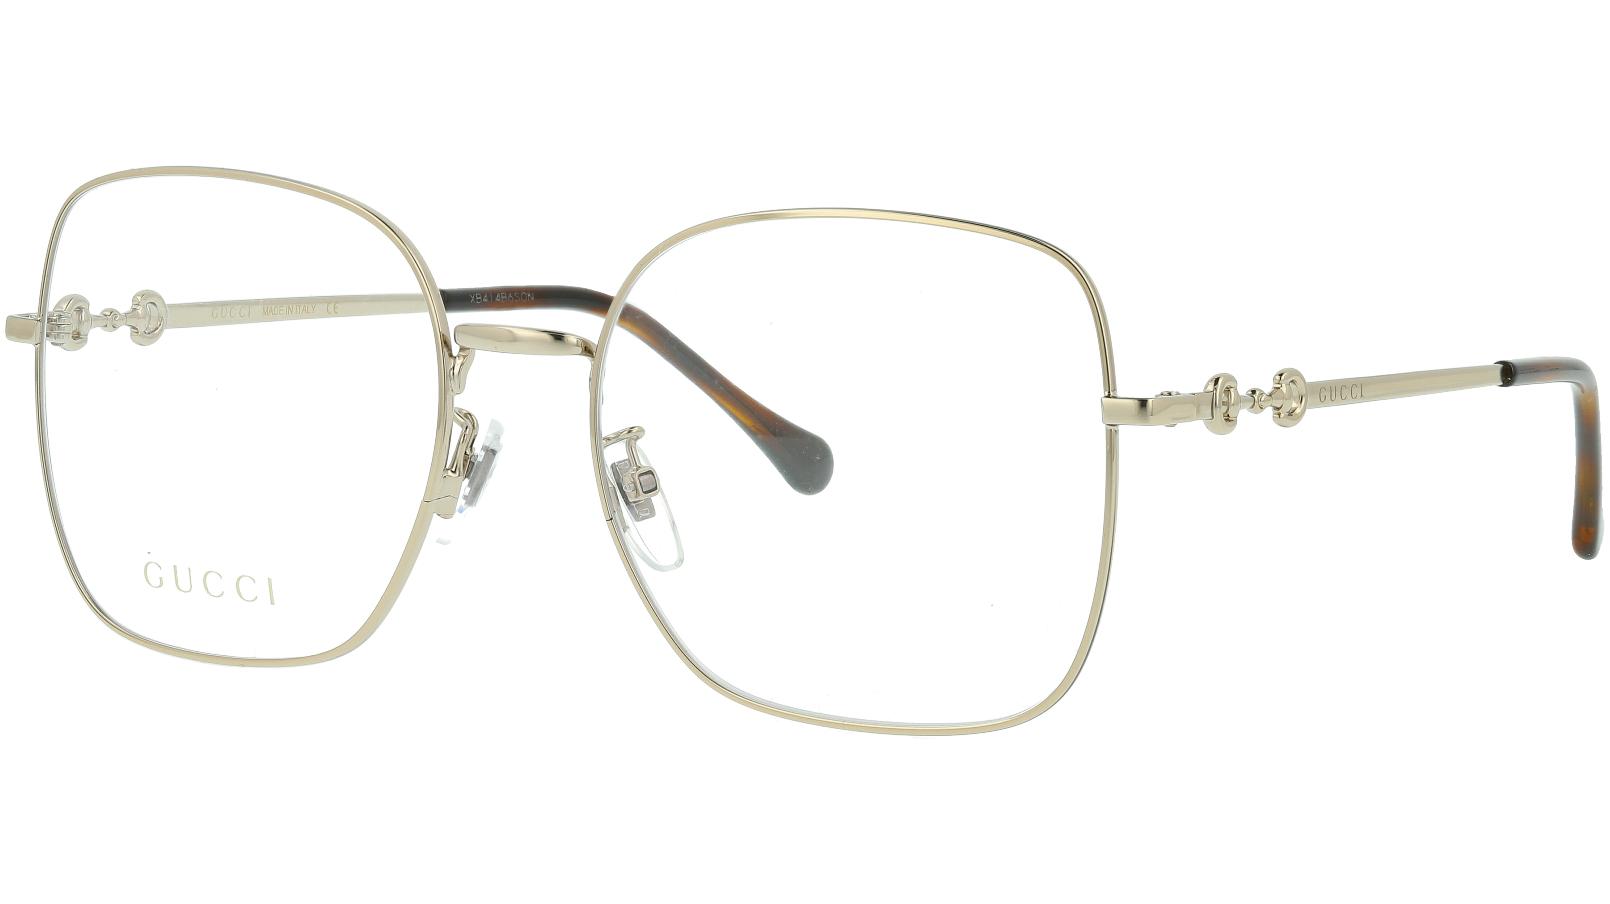 Gucci GG0883OA 003 55 GOLD Glasses